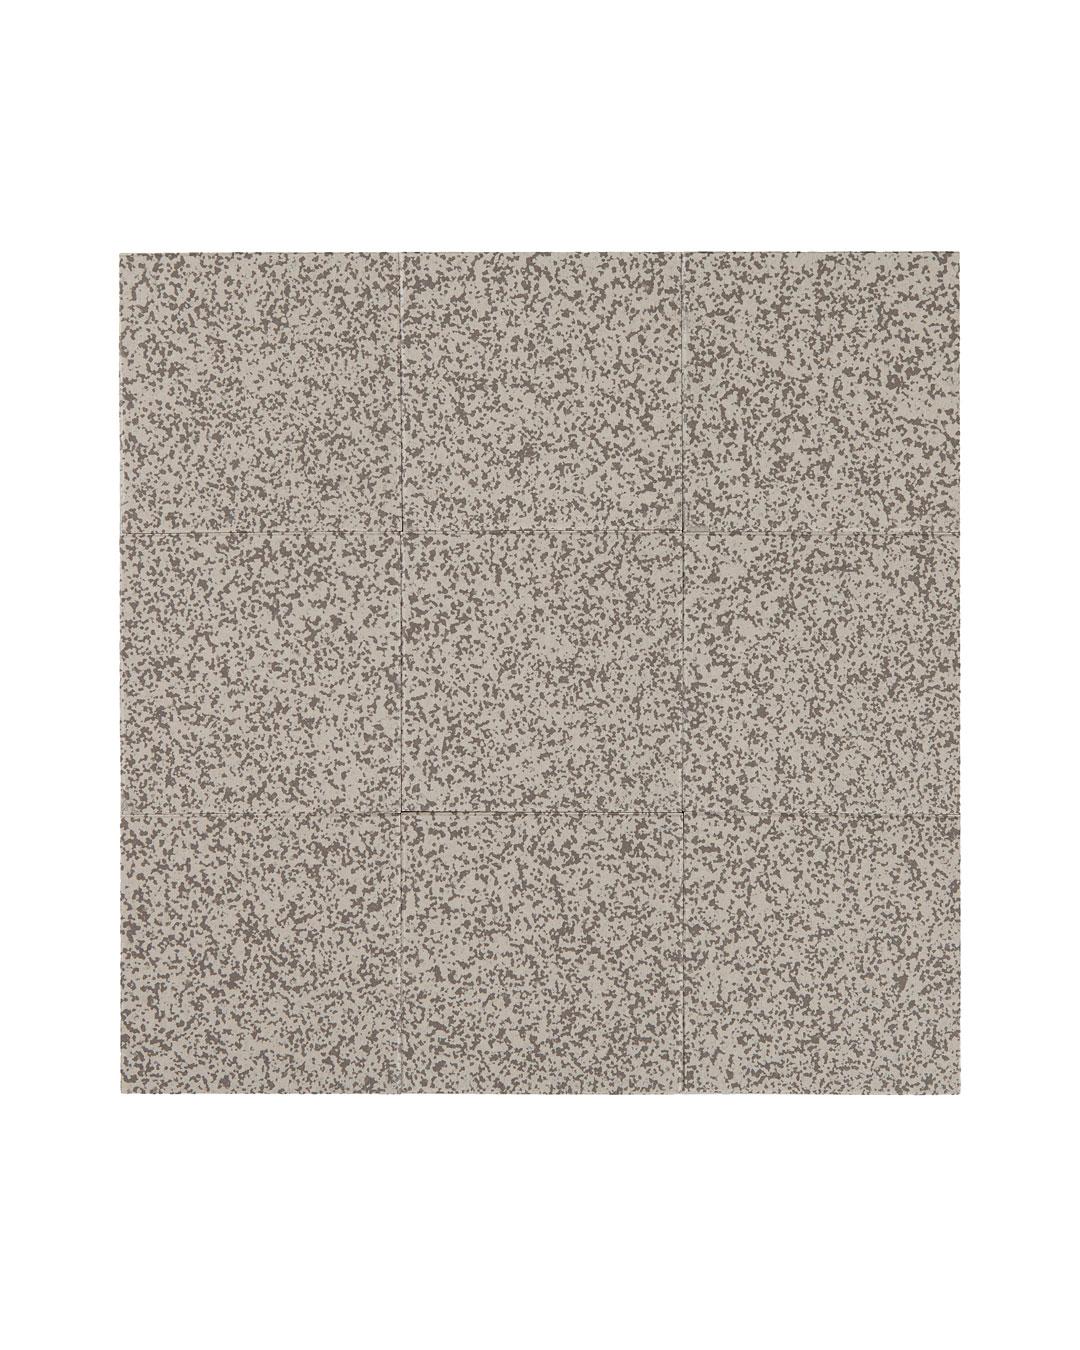 Annelies Planteijdt, Mooie stad – Collier en tegels (Beautiful City - Necklace and Floor Tiles), 2017, floor tile (image 3/3)